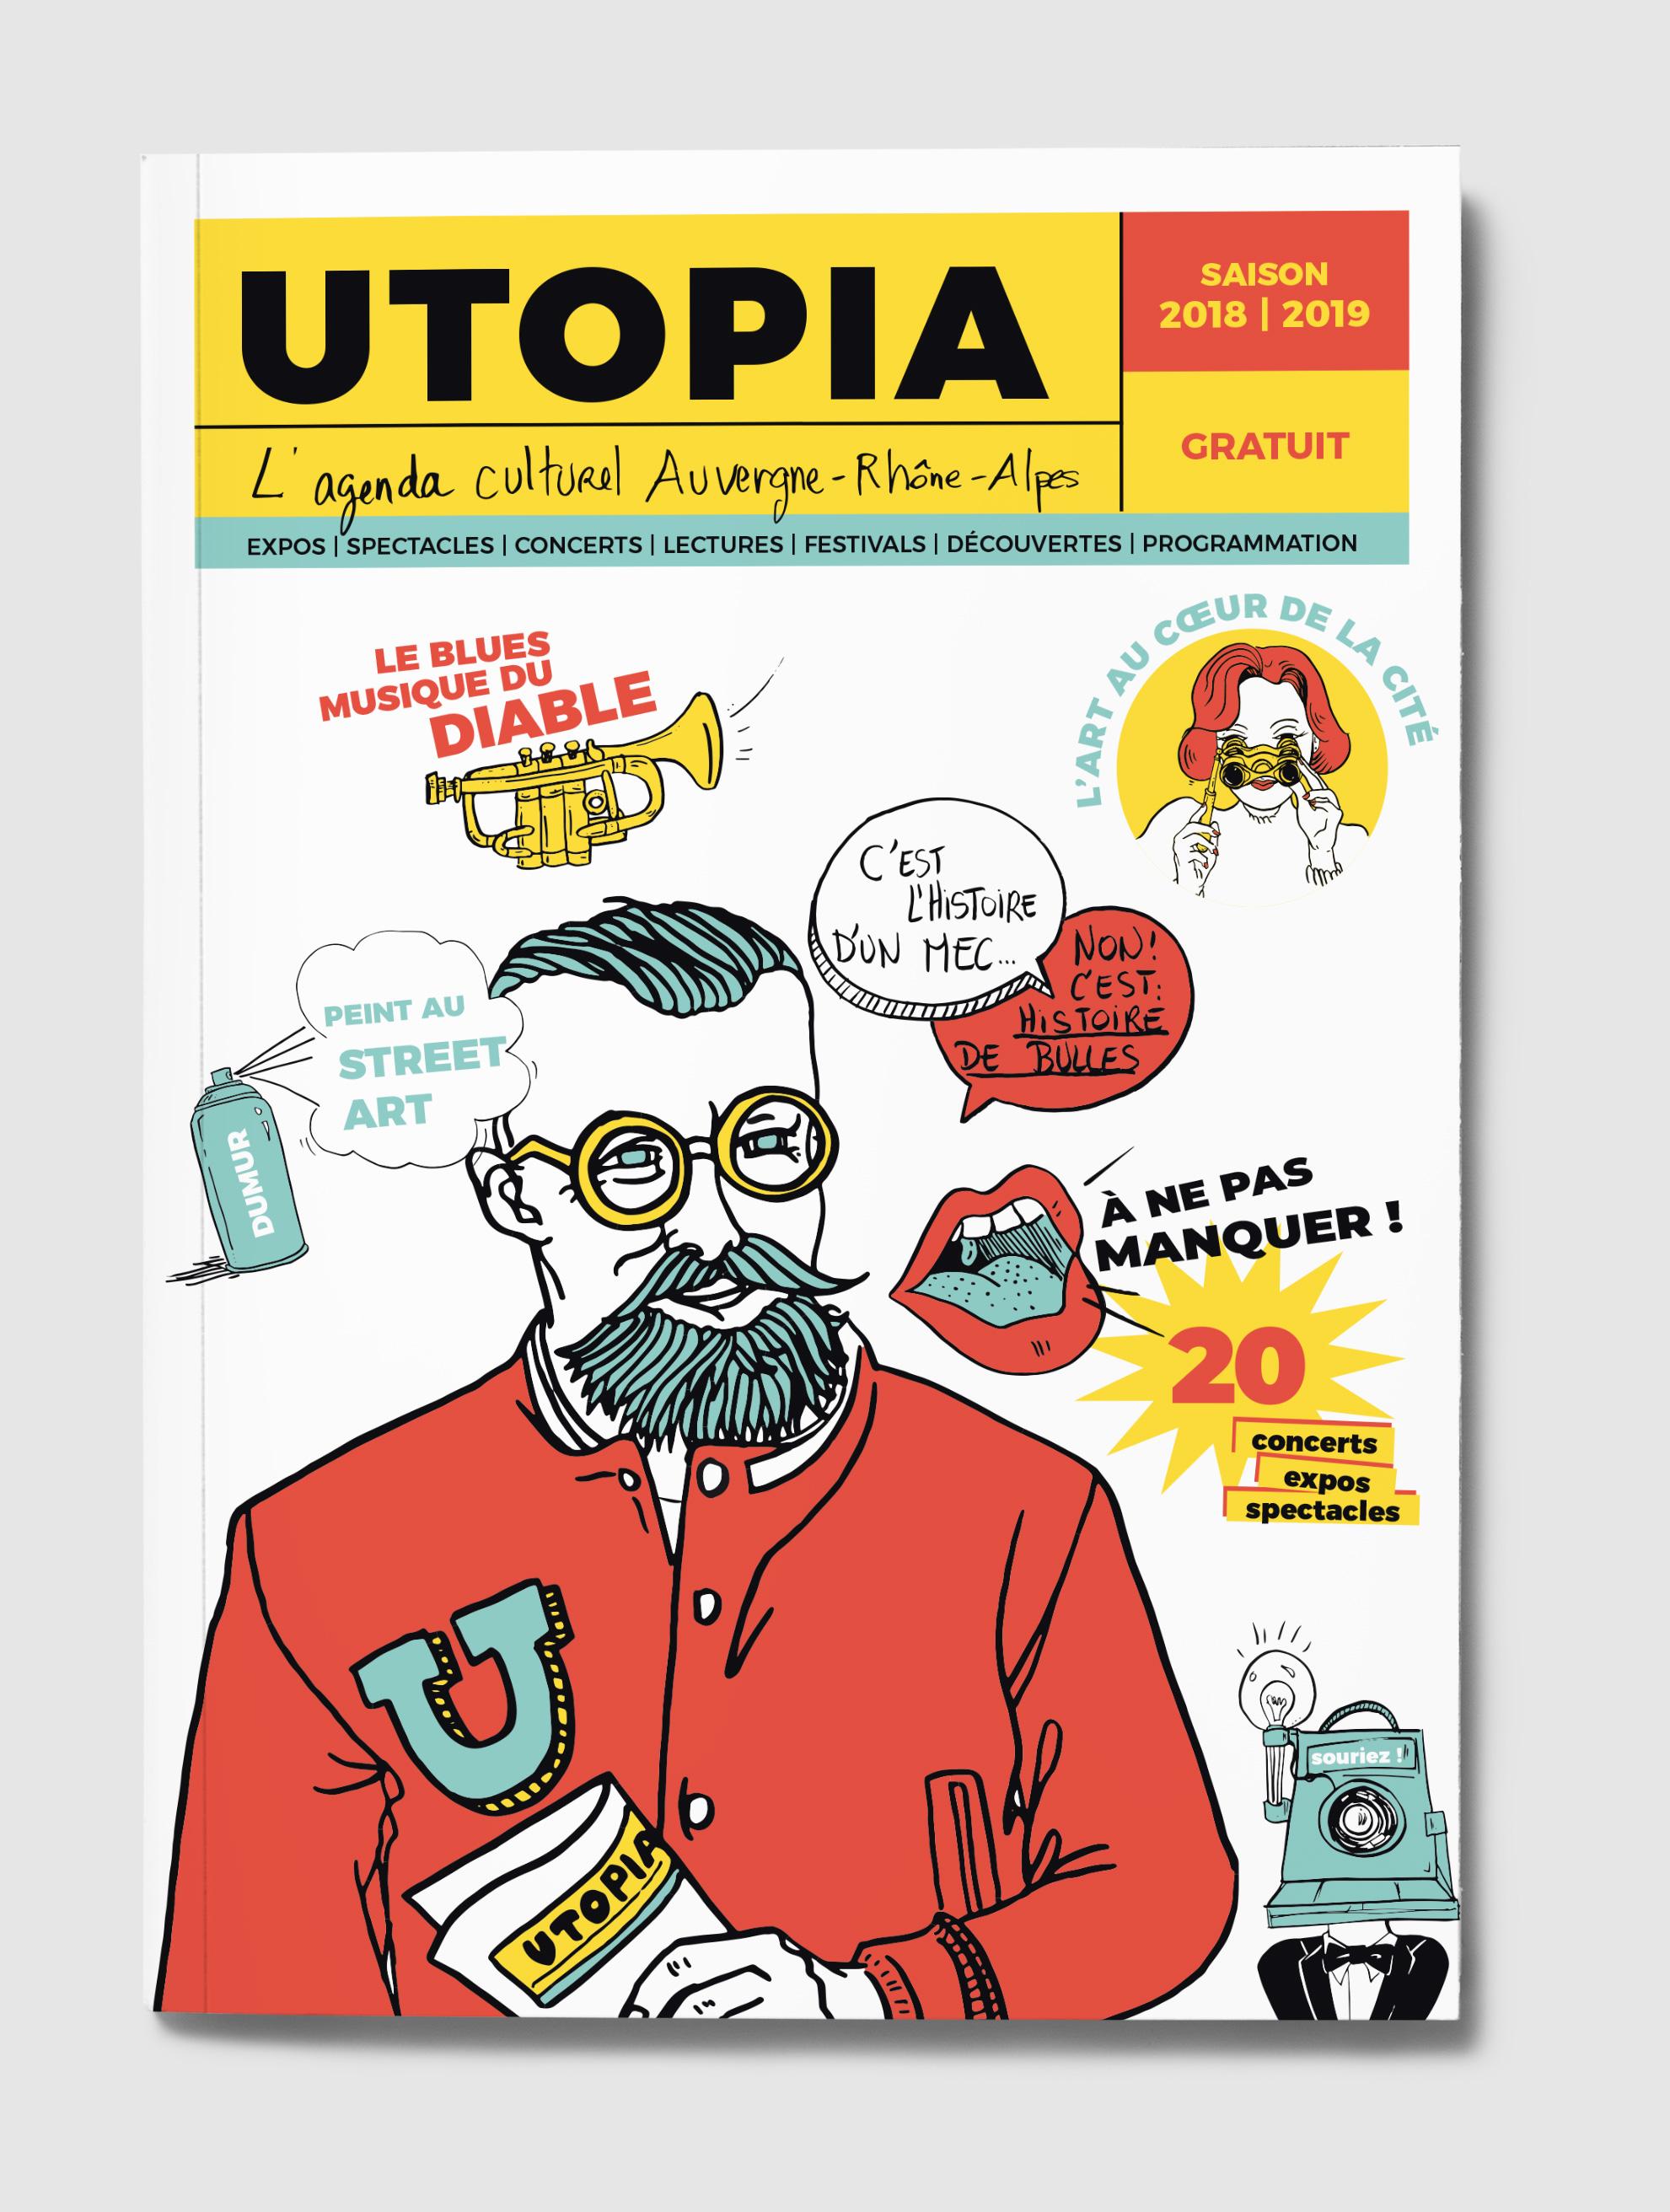 utopia-18-19-gratuit